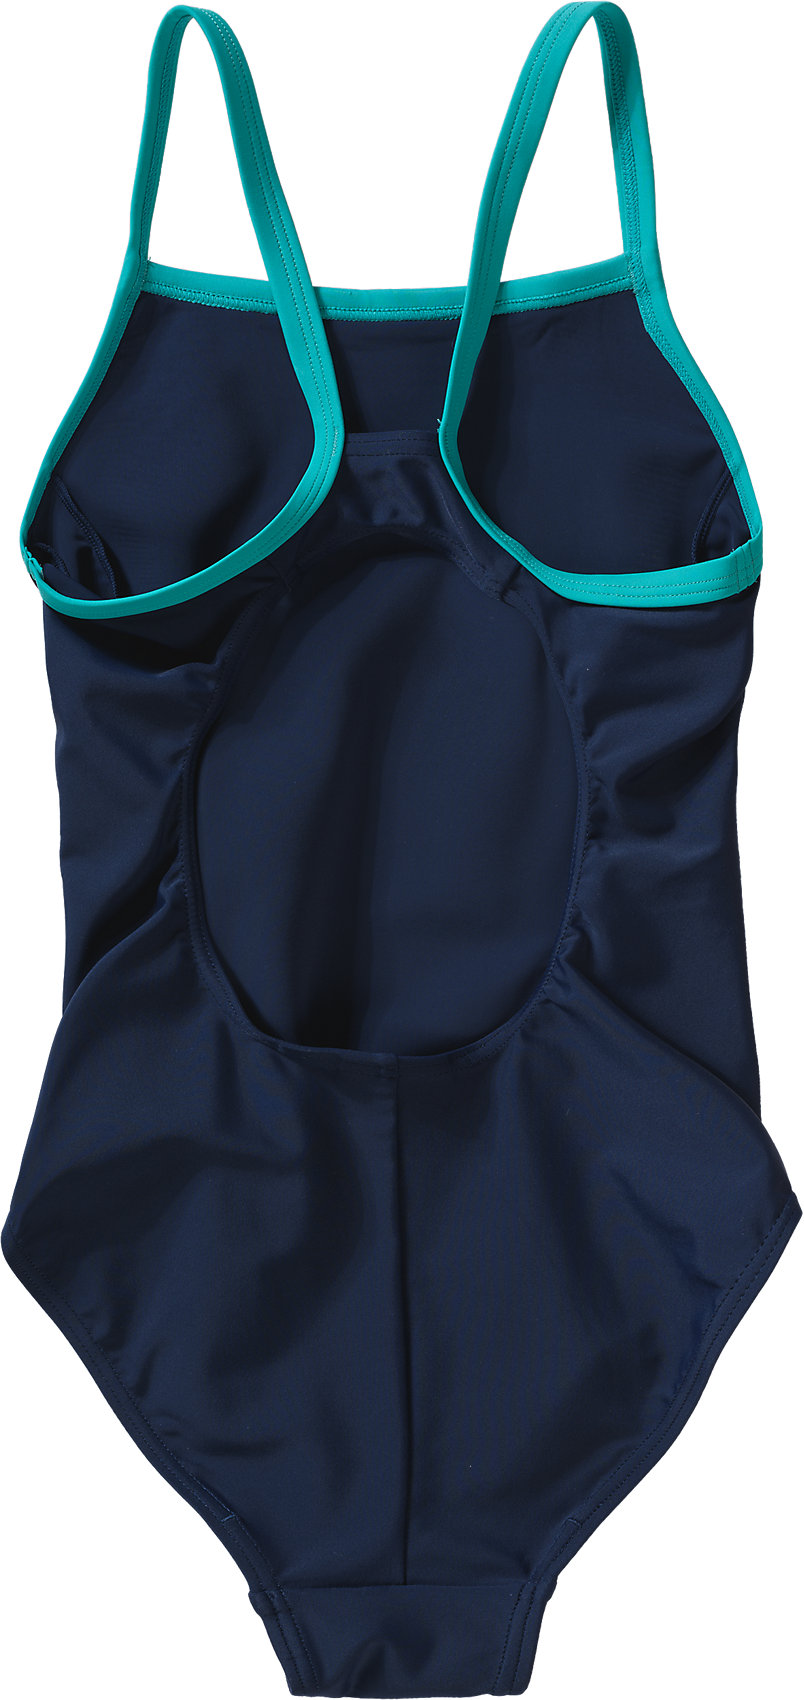 Neu speedo Kinder Badeanzug SPORTS LOGO 6821583 für